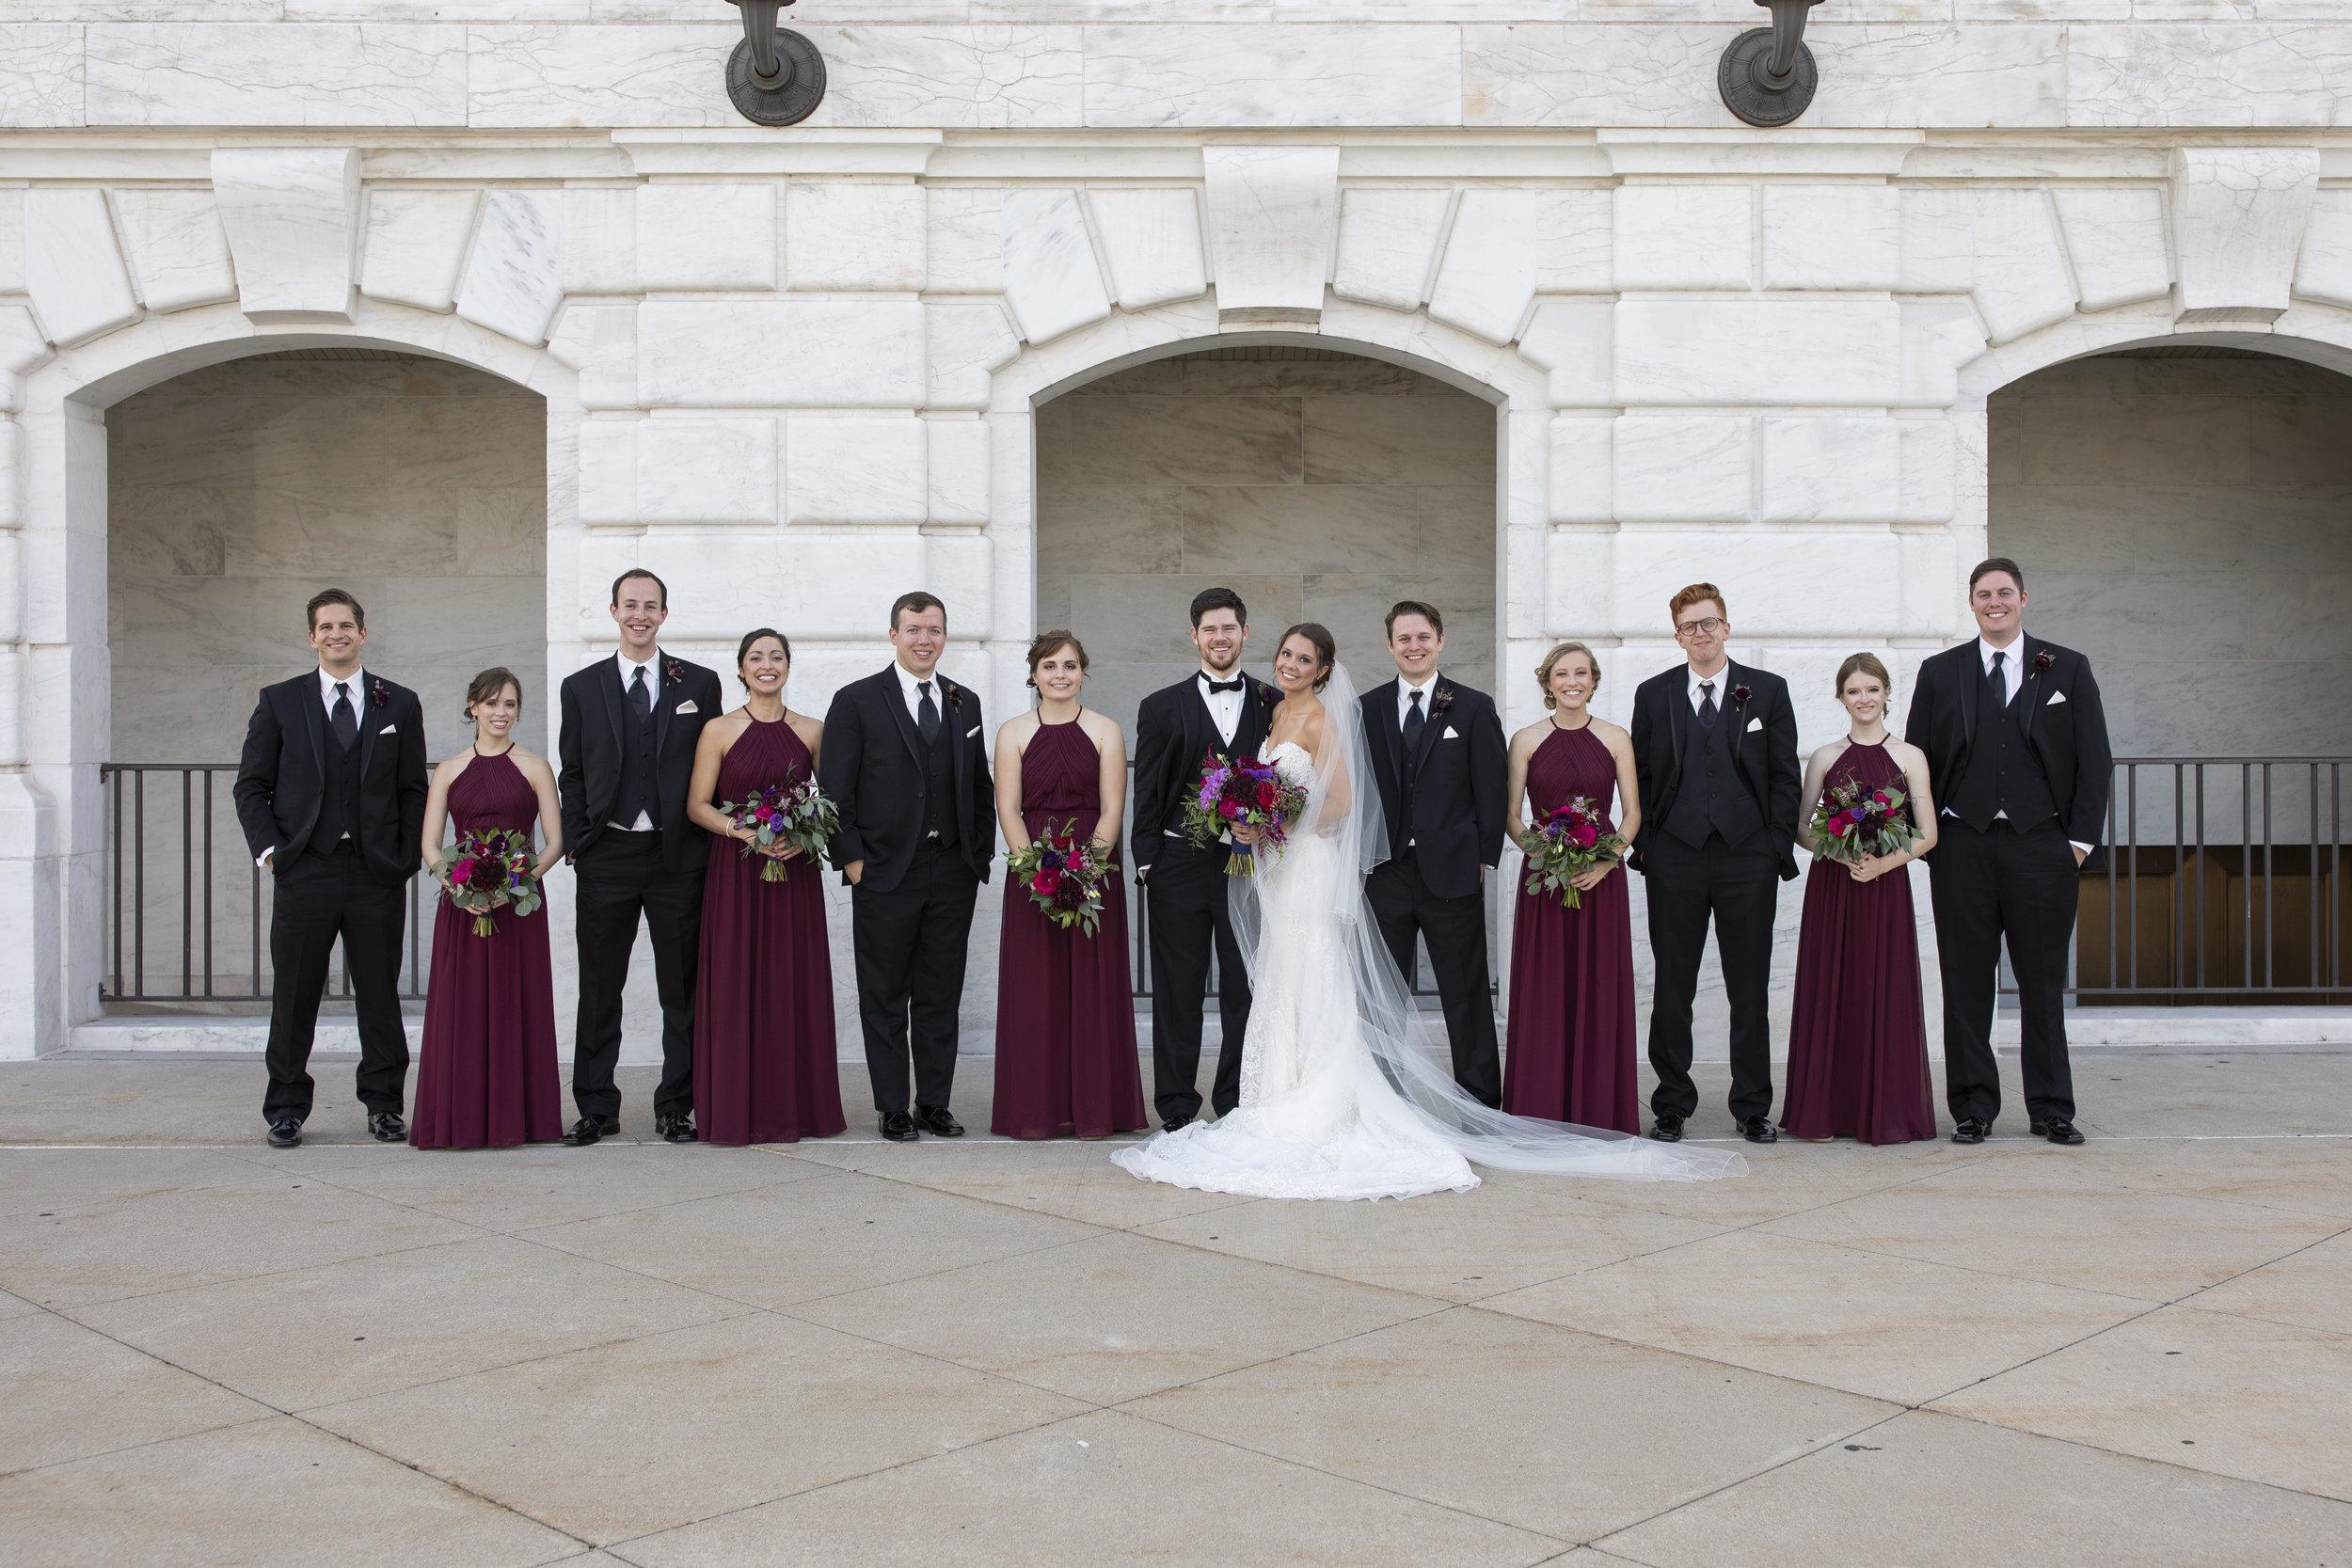 shareyah_John_detroit_wedding_preview_033.JPG